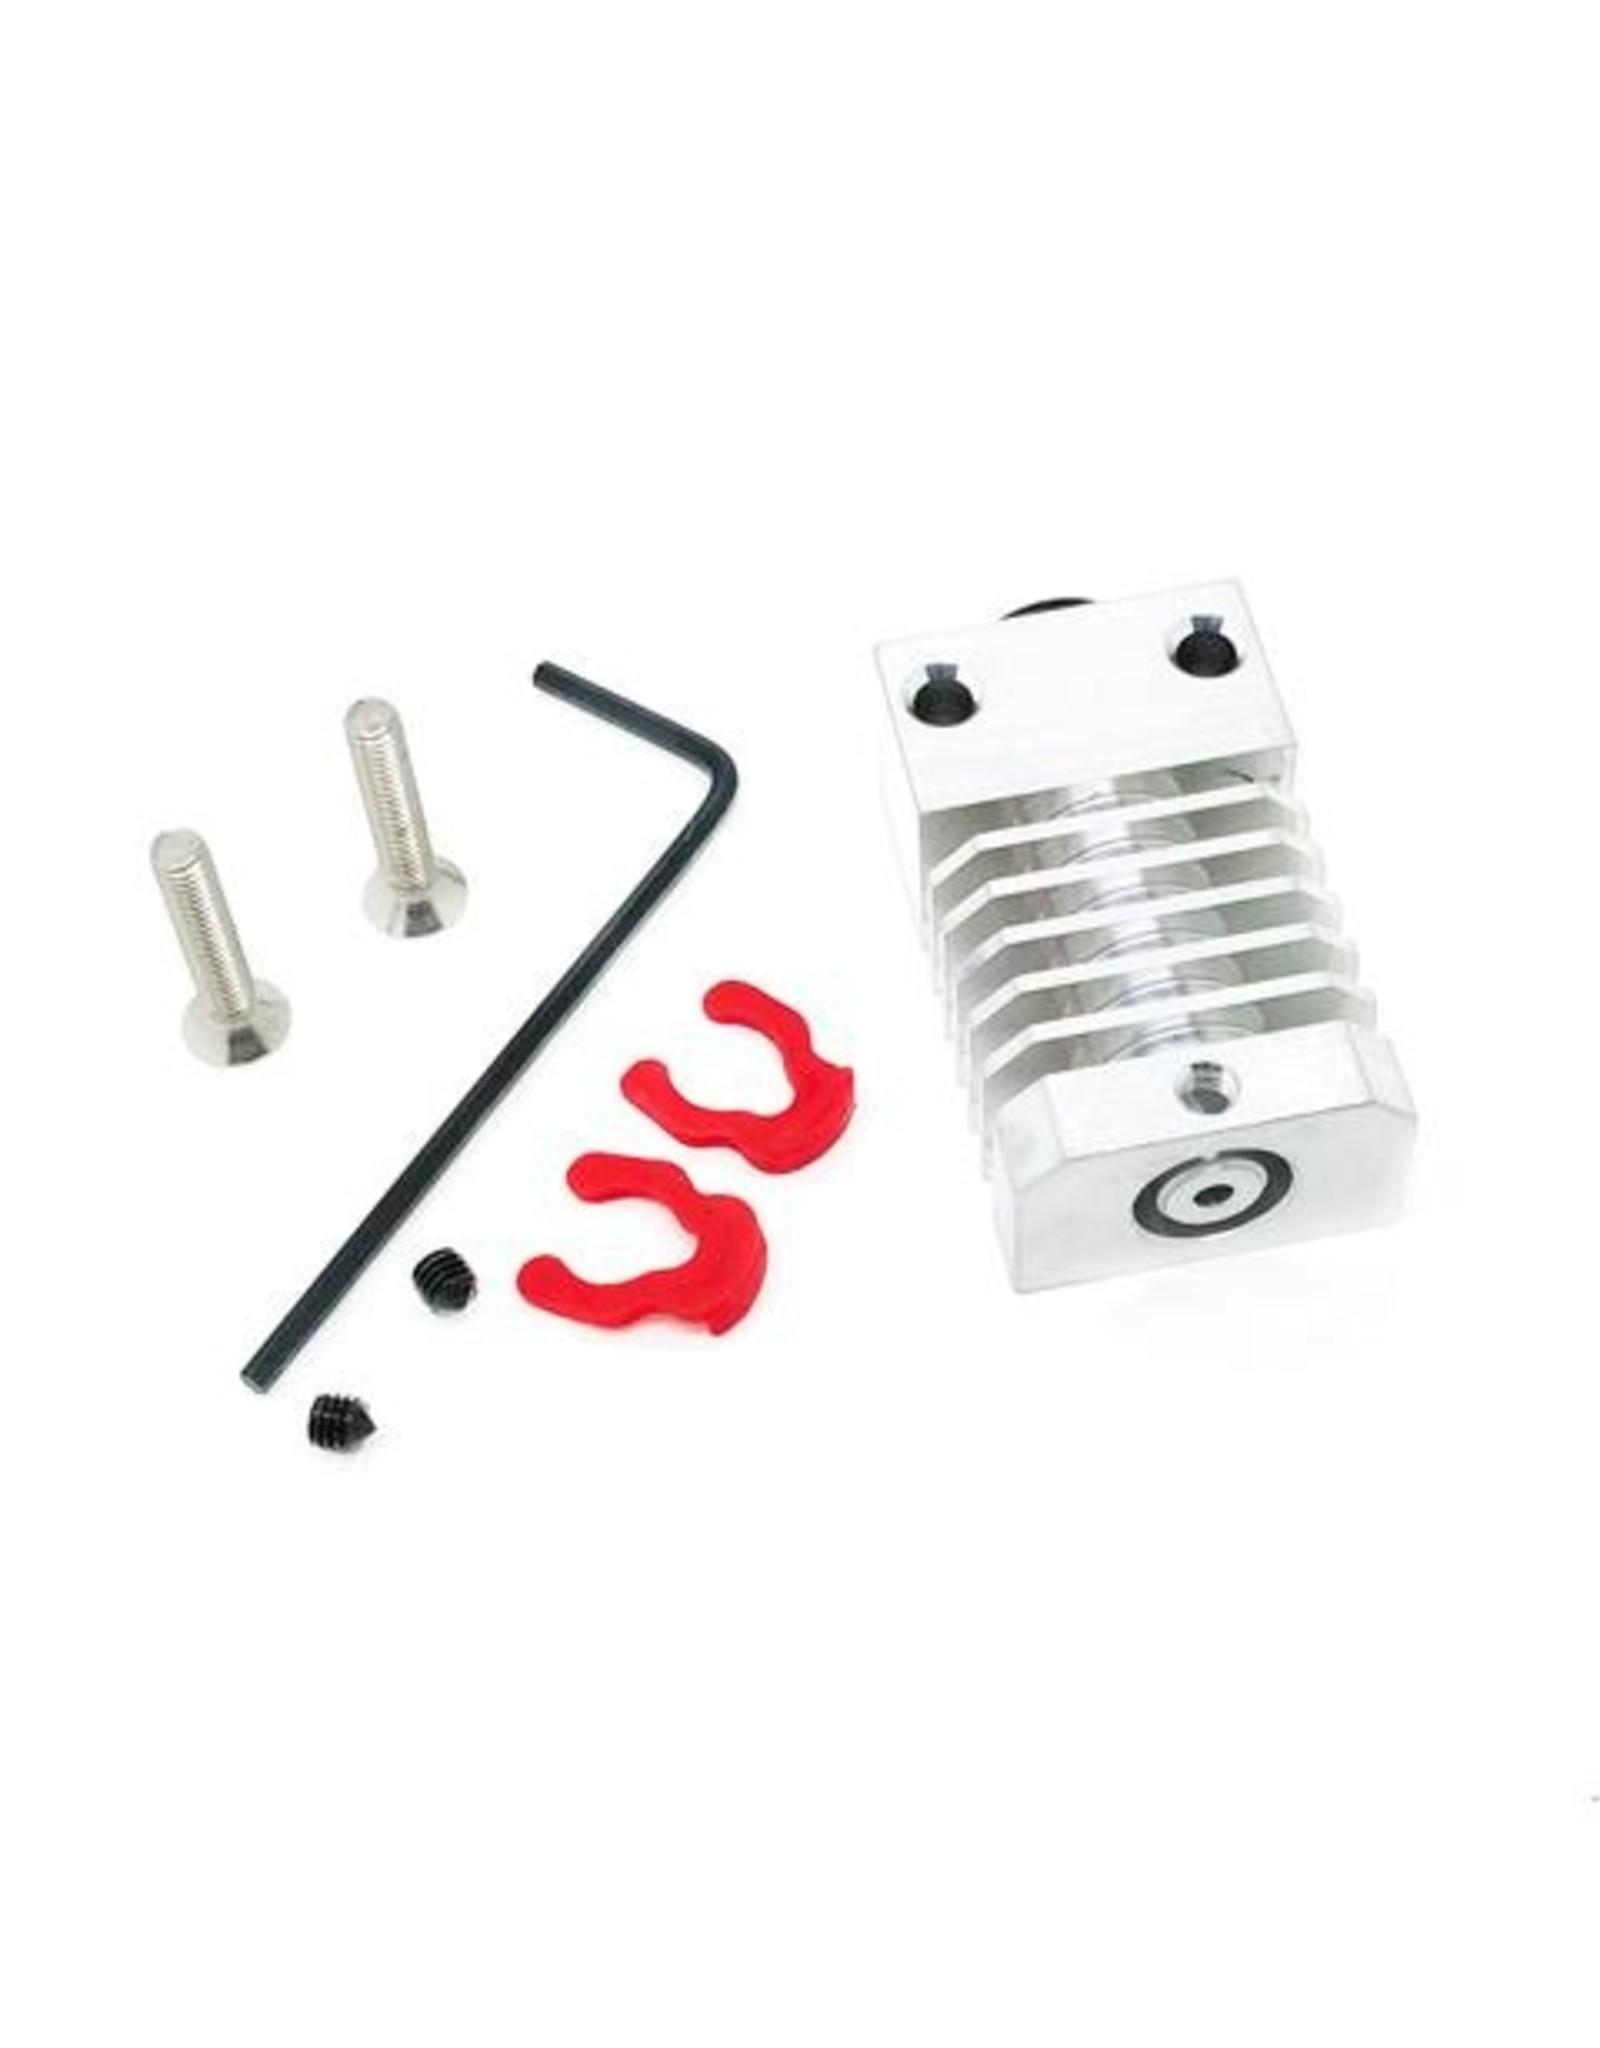 Micro Swiss Bloc de refroidissement de remplacement pour kit Micro Swiss All Metal Hotend pour imprimante CR-10s Pro